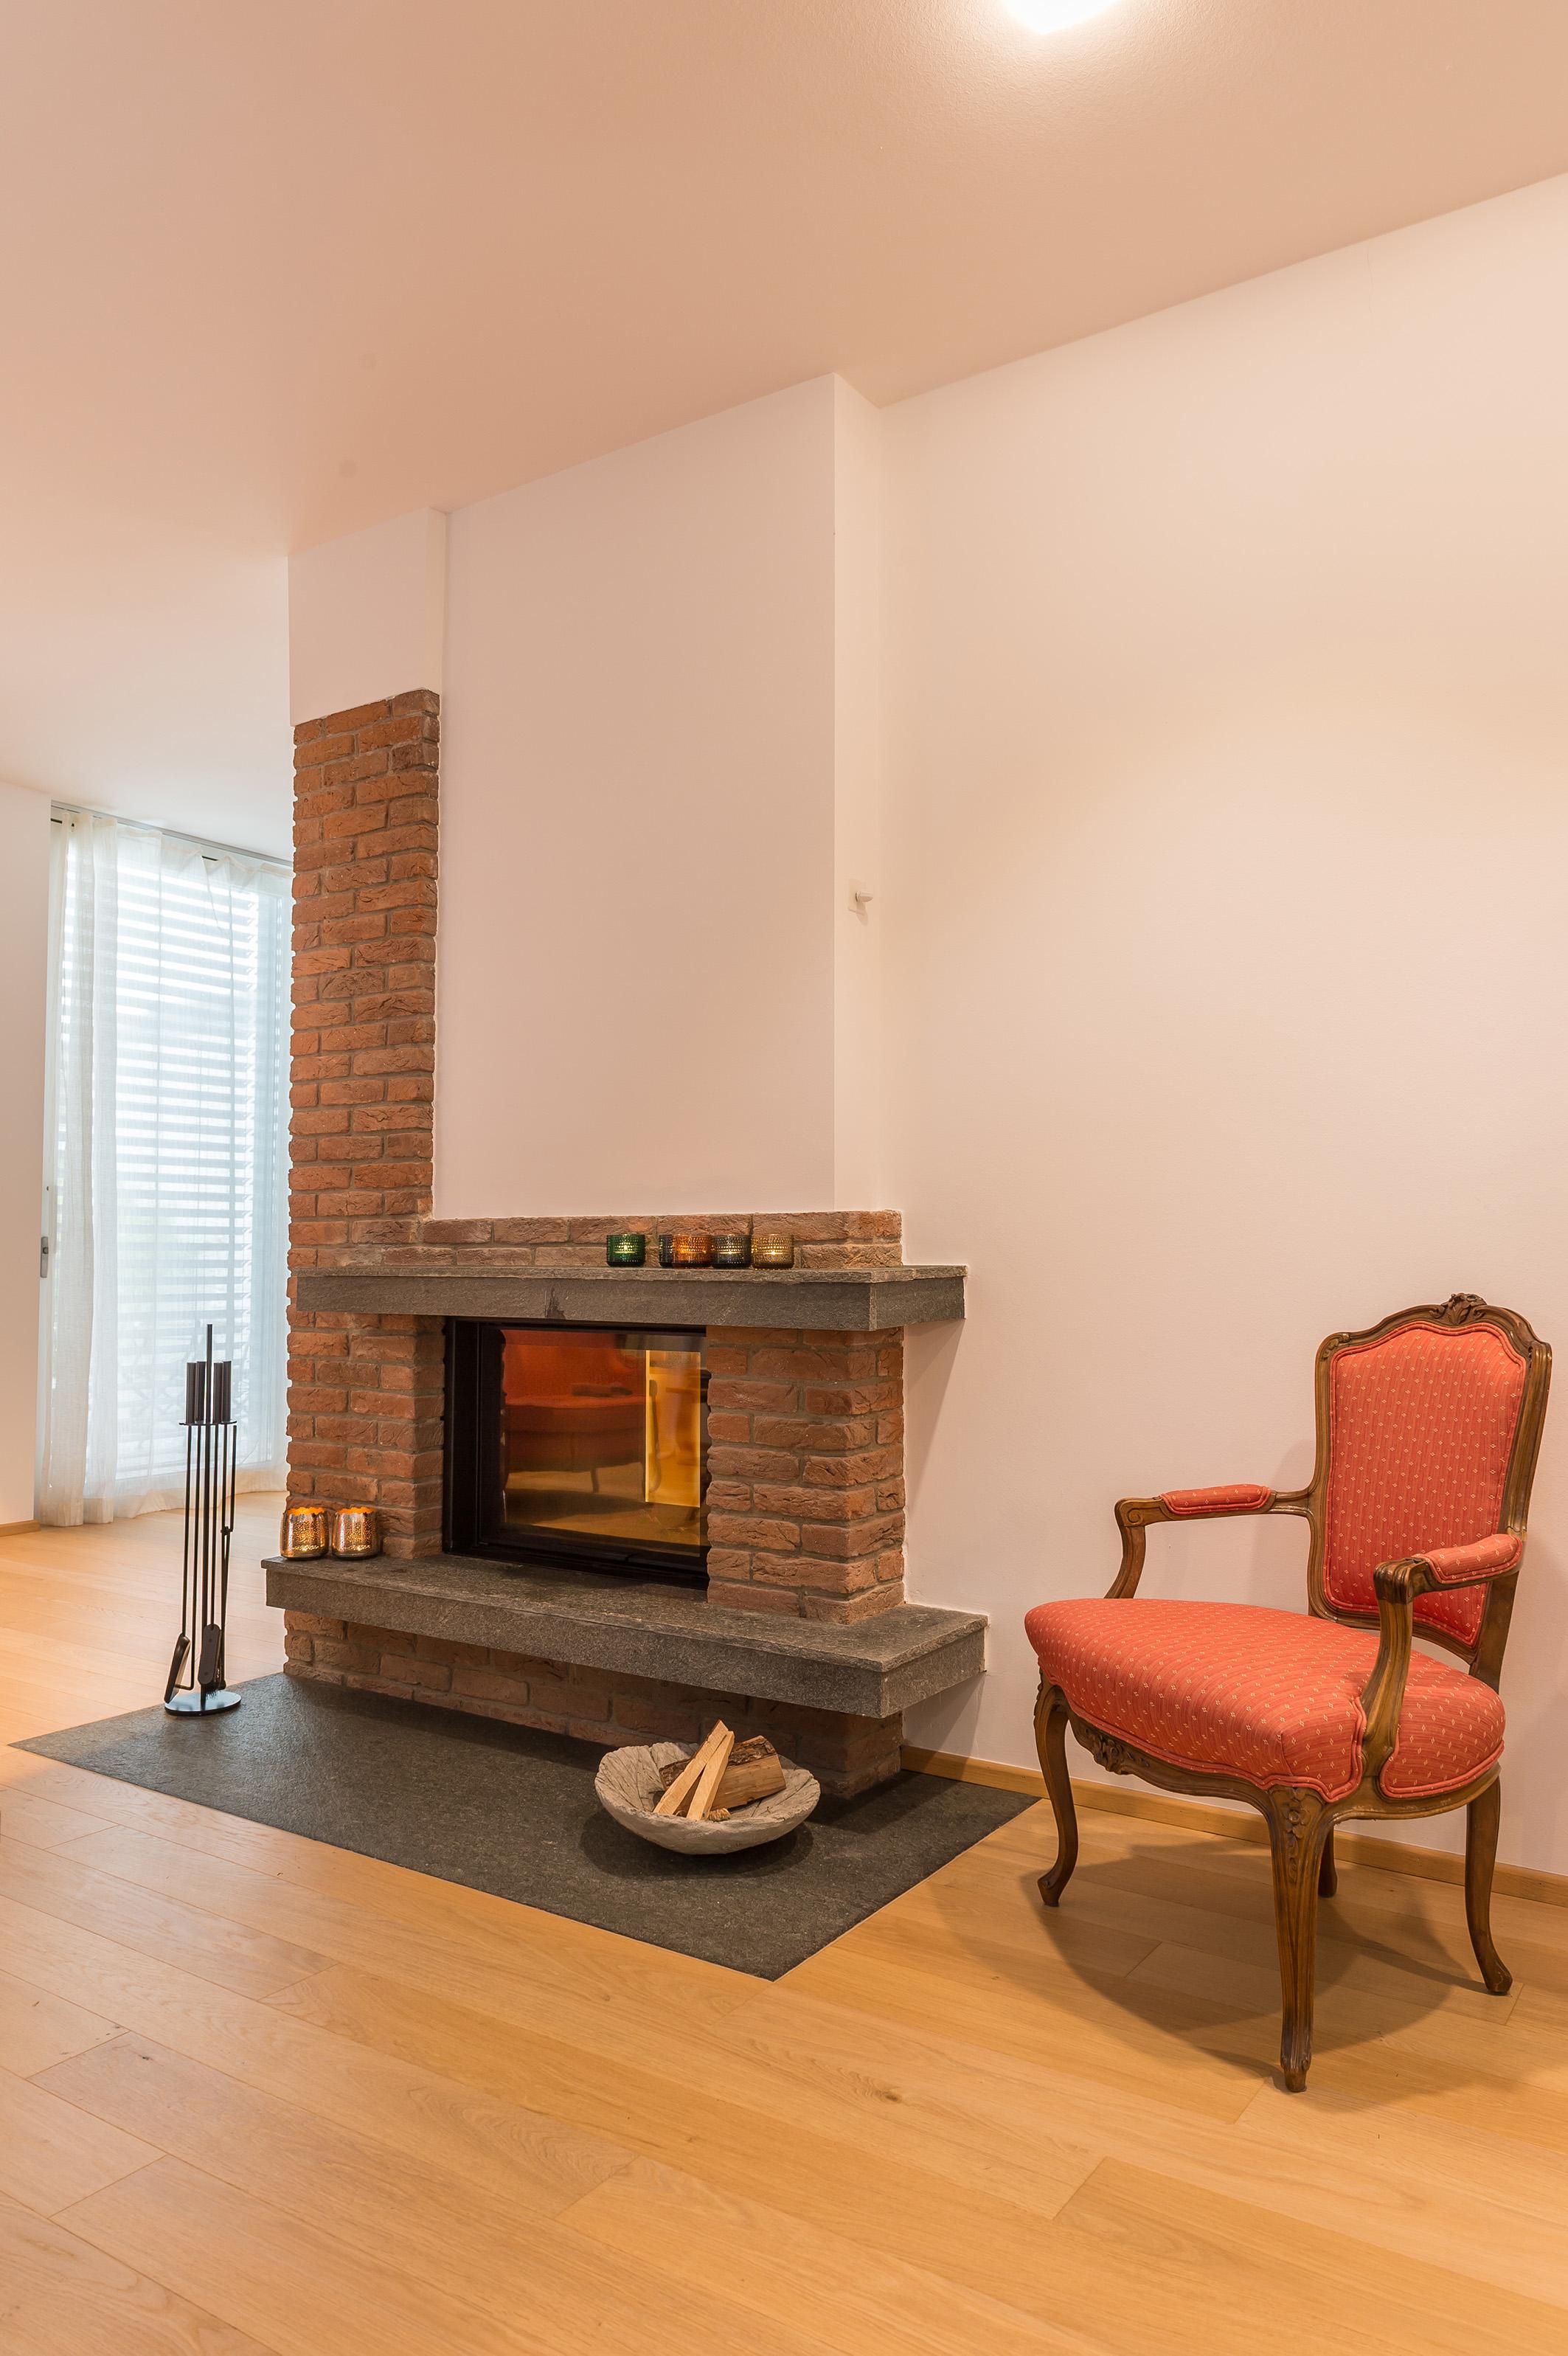 Spa Und Wellness Zentren Kreative Architektur: Wohnzimmer